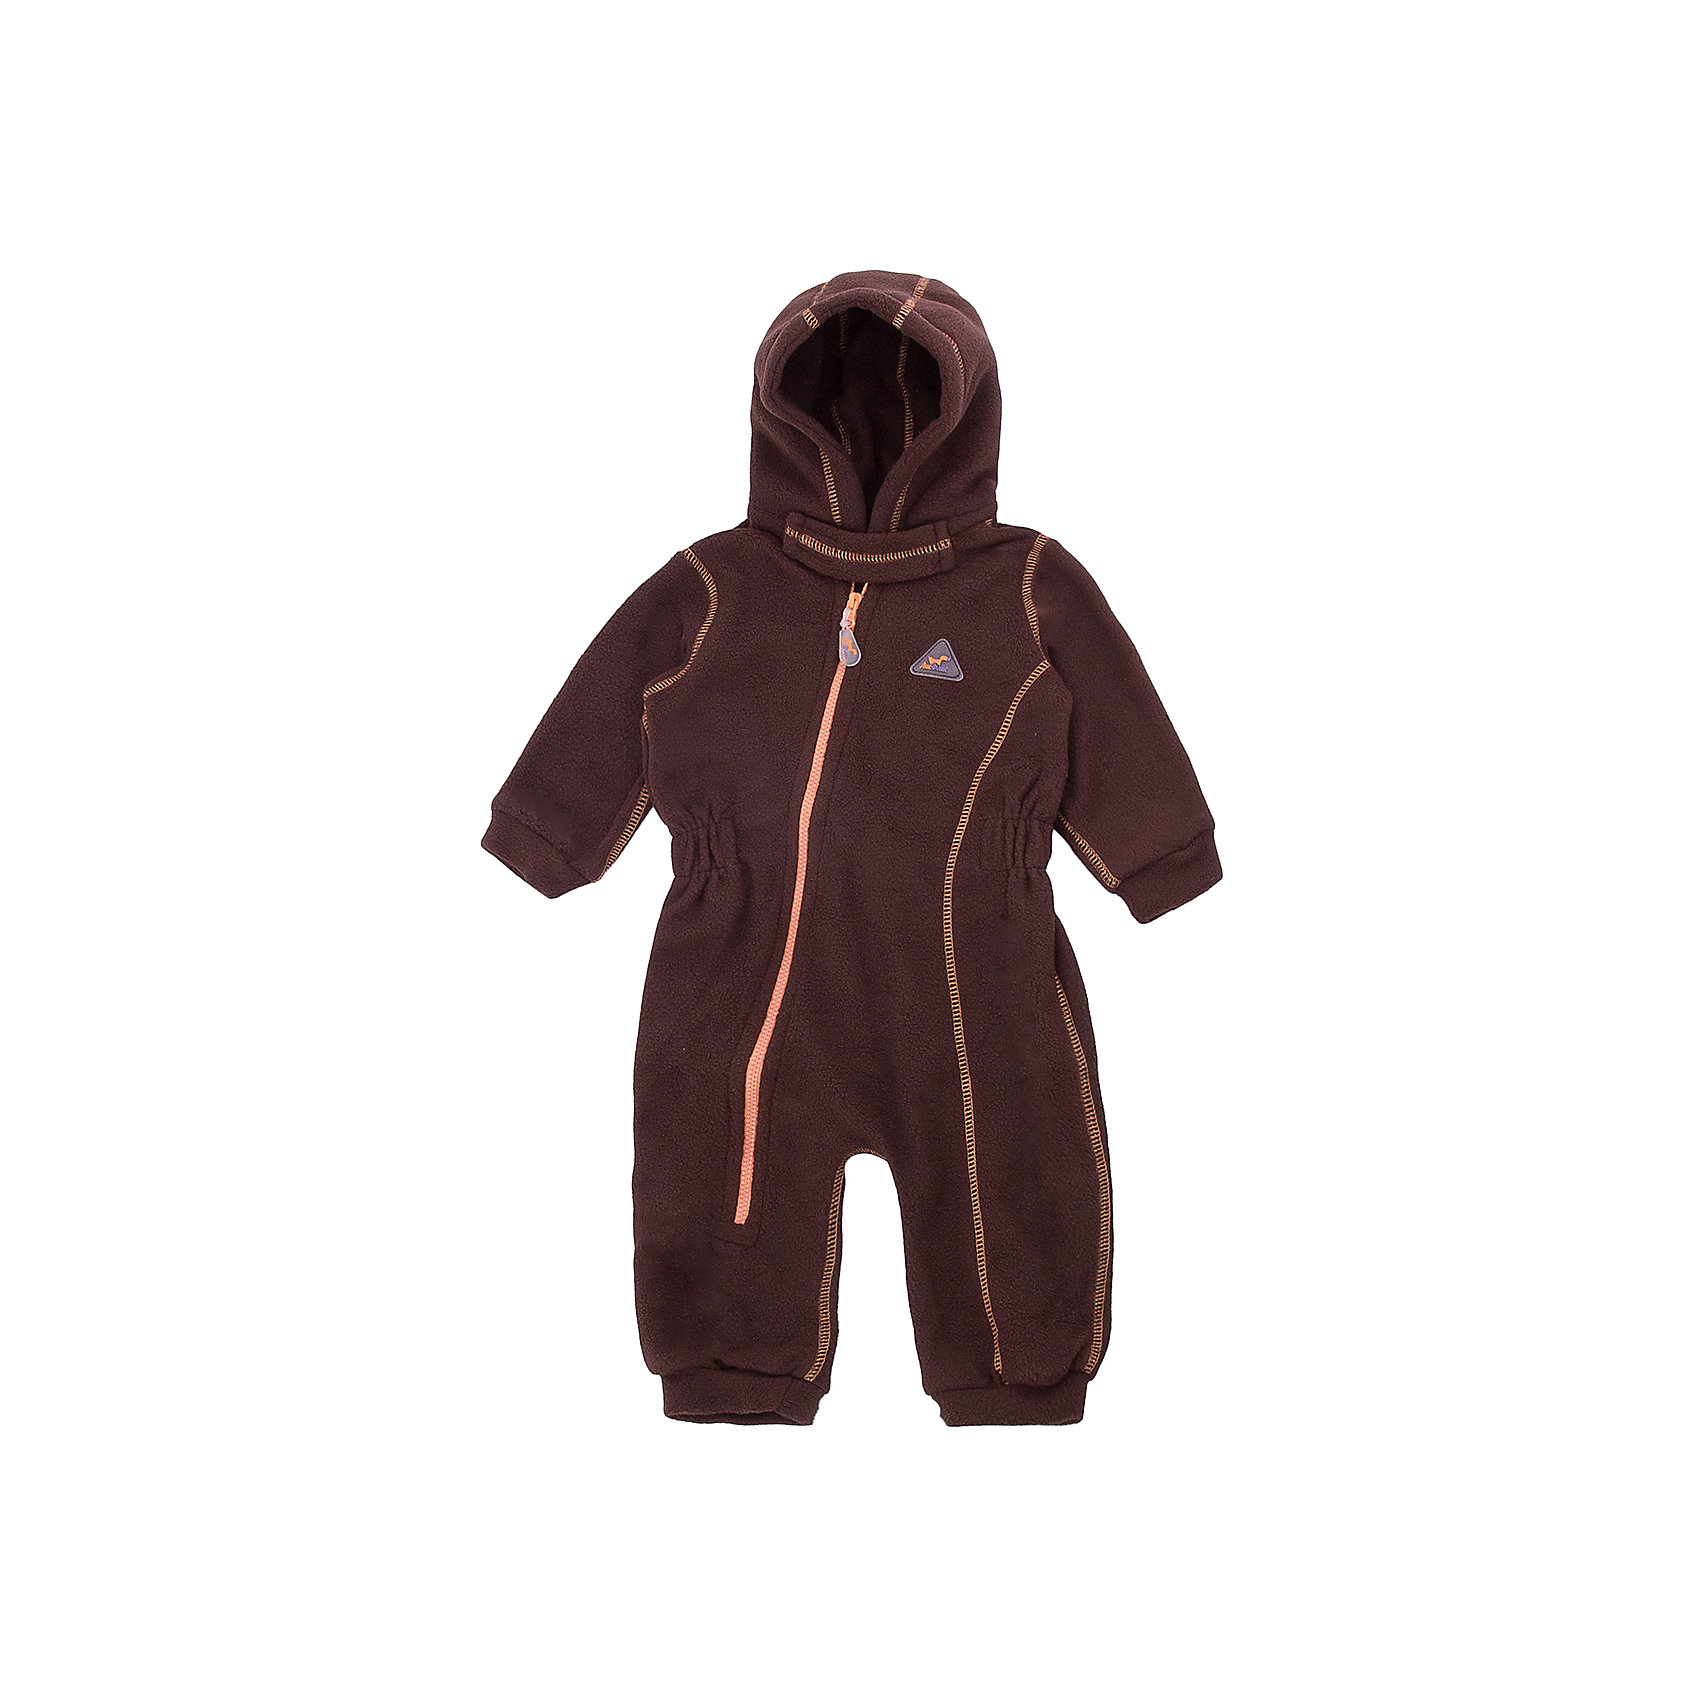 Комбинезон для малышей Шоколад ЛисФлис для мальчикаФлис и термобелье<br>Характеристики товара:<br><br>• цвет: коричневый;<br>• состав: 100% полиэстер, флис;<br>• сезон: зима;<br>• особенности: флисовый, с капюшоном;<br>• застежка: молния по диагонали;<br>• защита подбородка от защемления;<br>• эластичные манжеты на рукавах и штанинах;<br>• страна бренда: Россия;<br>• страна производства: Россия.<br><br>Флисовый комбинезон на молнии. Изделие можно одевать как поддеву (дополнительный утепляющий слой) под мембранную одежду при минусовой температуре. А как самостоятельный элемент одежды (верхний слой) от +10 градусов. Прочная молния комбинезона расстегивается и застегивается одним движением руки. Флисовый комбинезон с капюшоном.<br><br>Комбинезон для малышей Шоколад ЛисФлис можно купить в нашем интернет-магазине.<br><br>Ширина мм: 356<br>Глубина мм: 10<br>Высота мм: 245<br>Вес г: 519<br>Цвет: коричневый<br>Возраст от месяцев: 12<br>Возраст до месяцев: 15<br>Пол: Мужской<br>Возраст: Детский<br>Размер: 80,62,68,74<br>SKU: 7052630